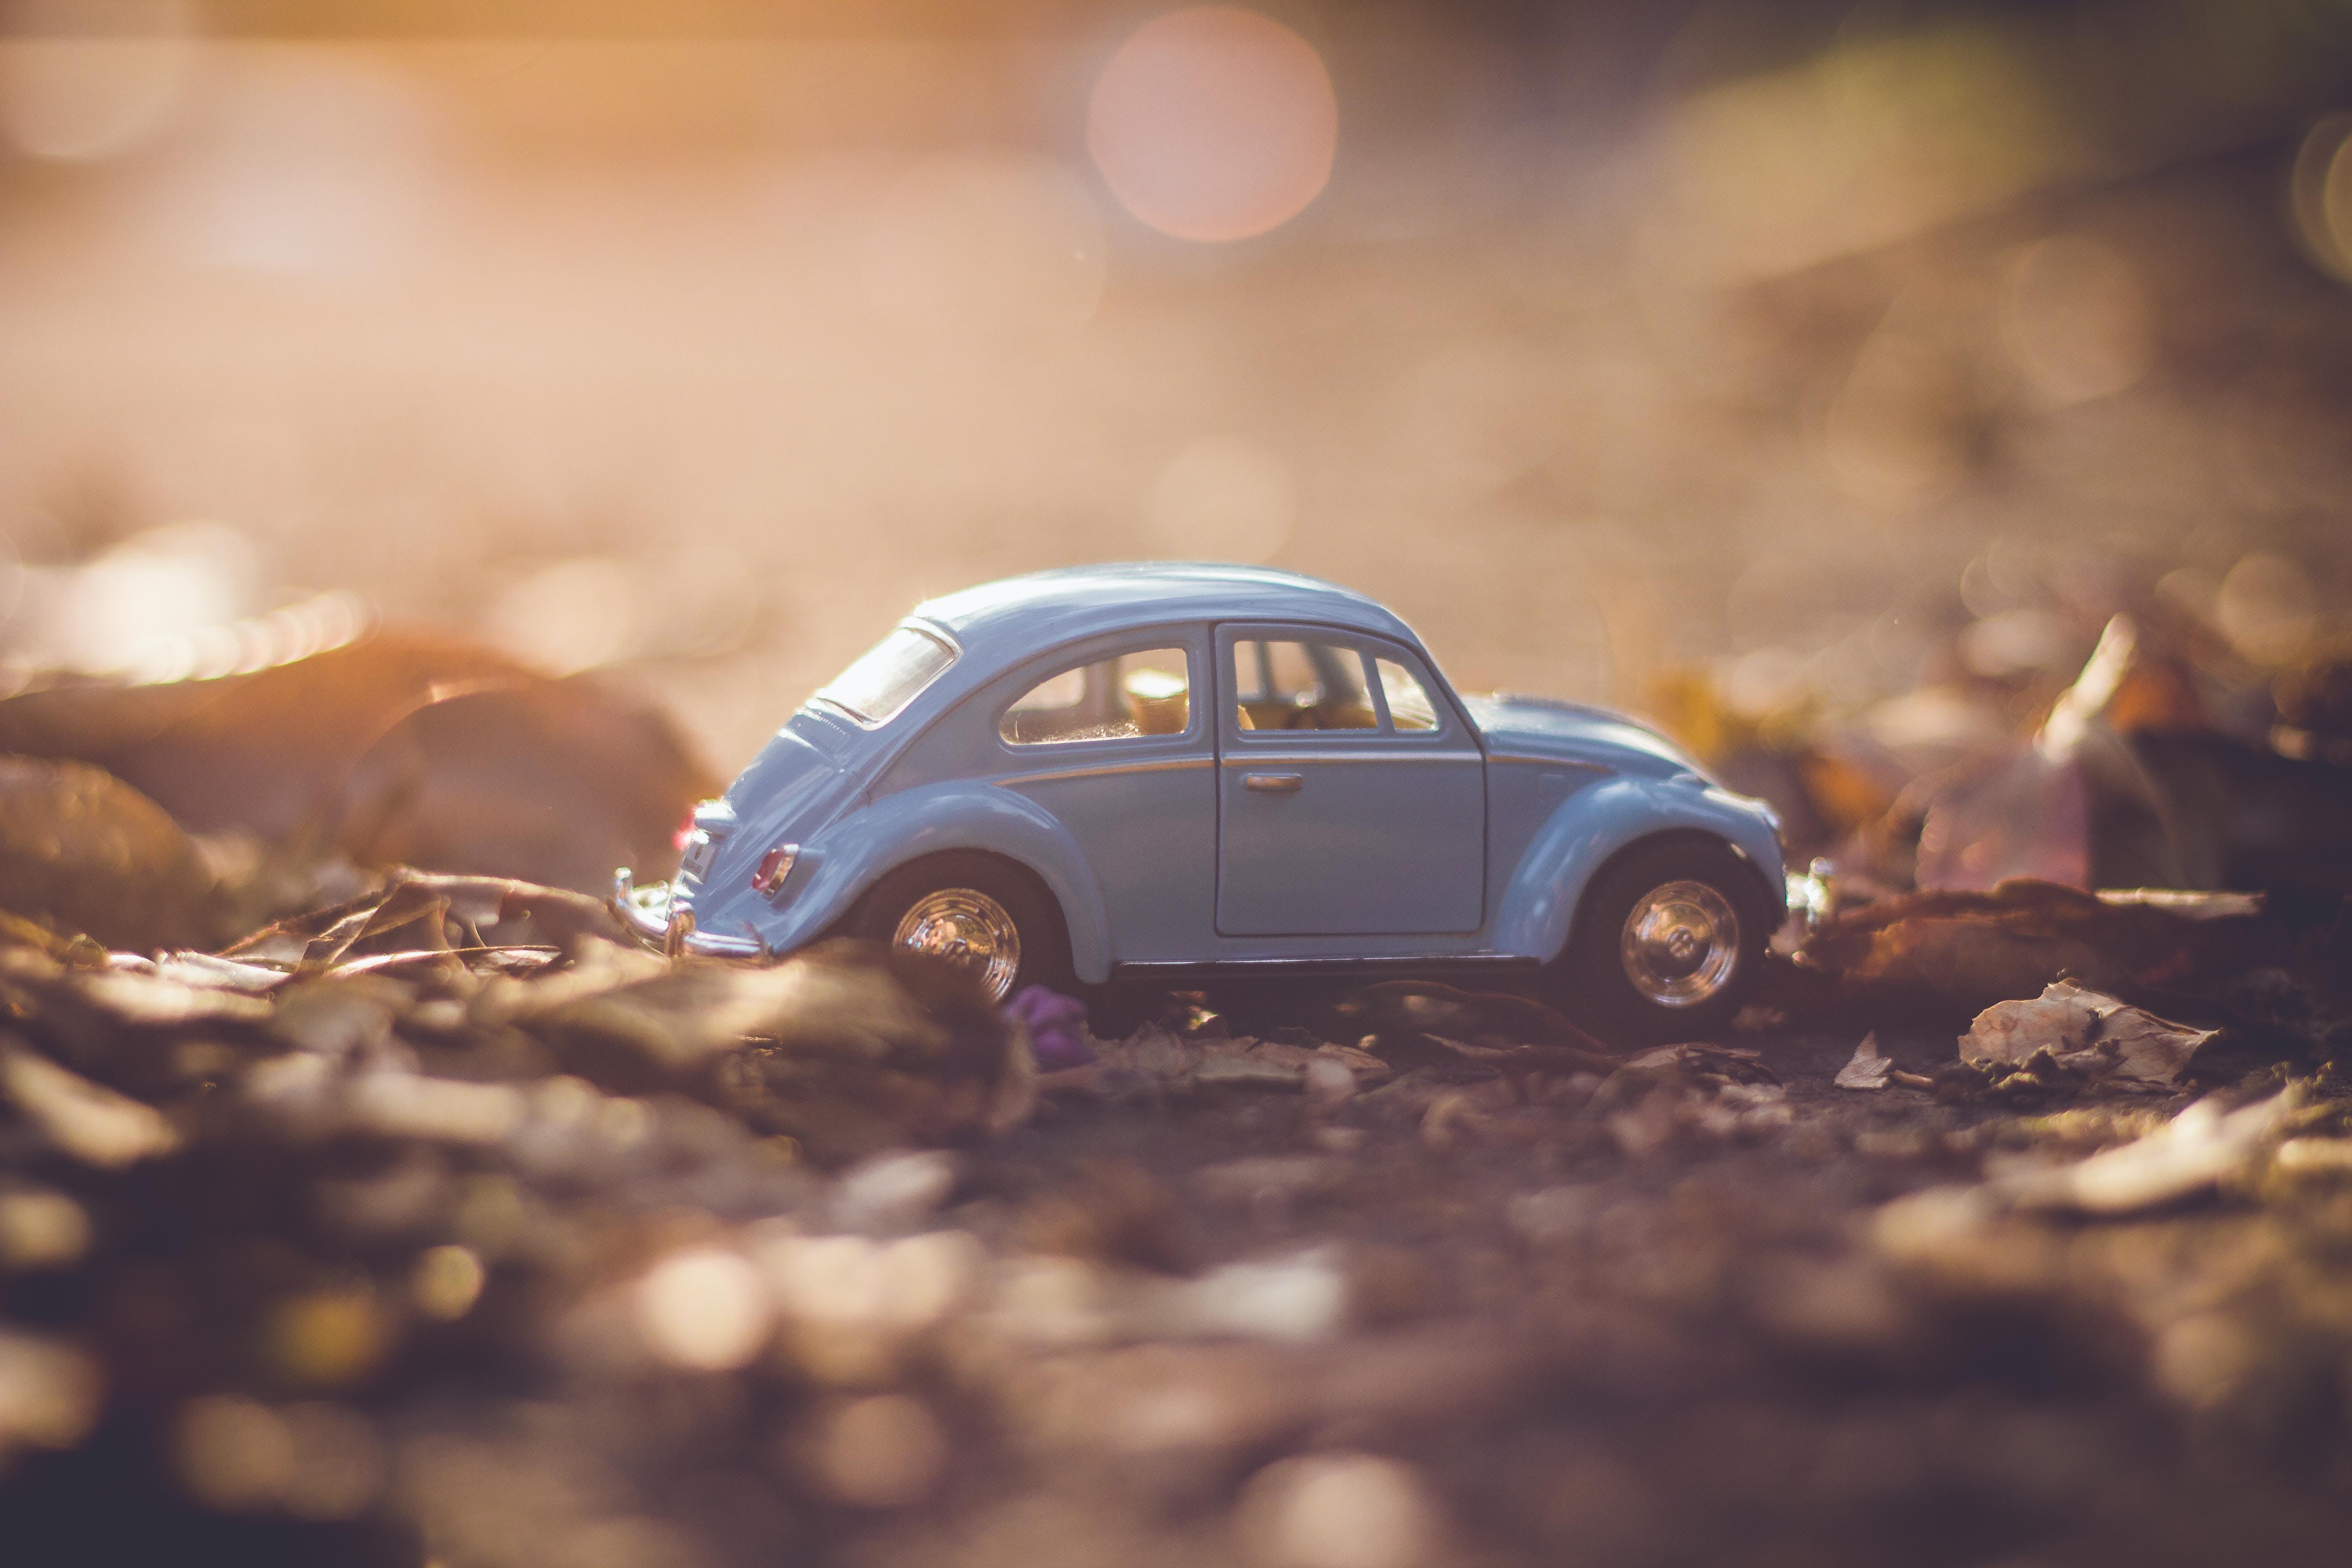 Blue Volkswagen Beetle Die-cast